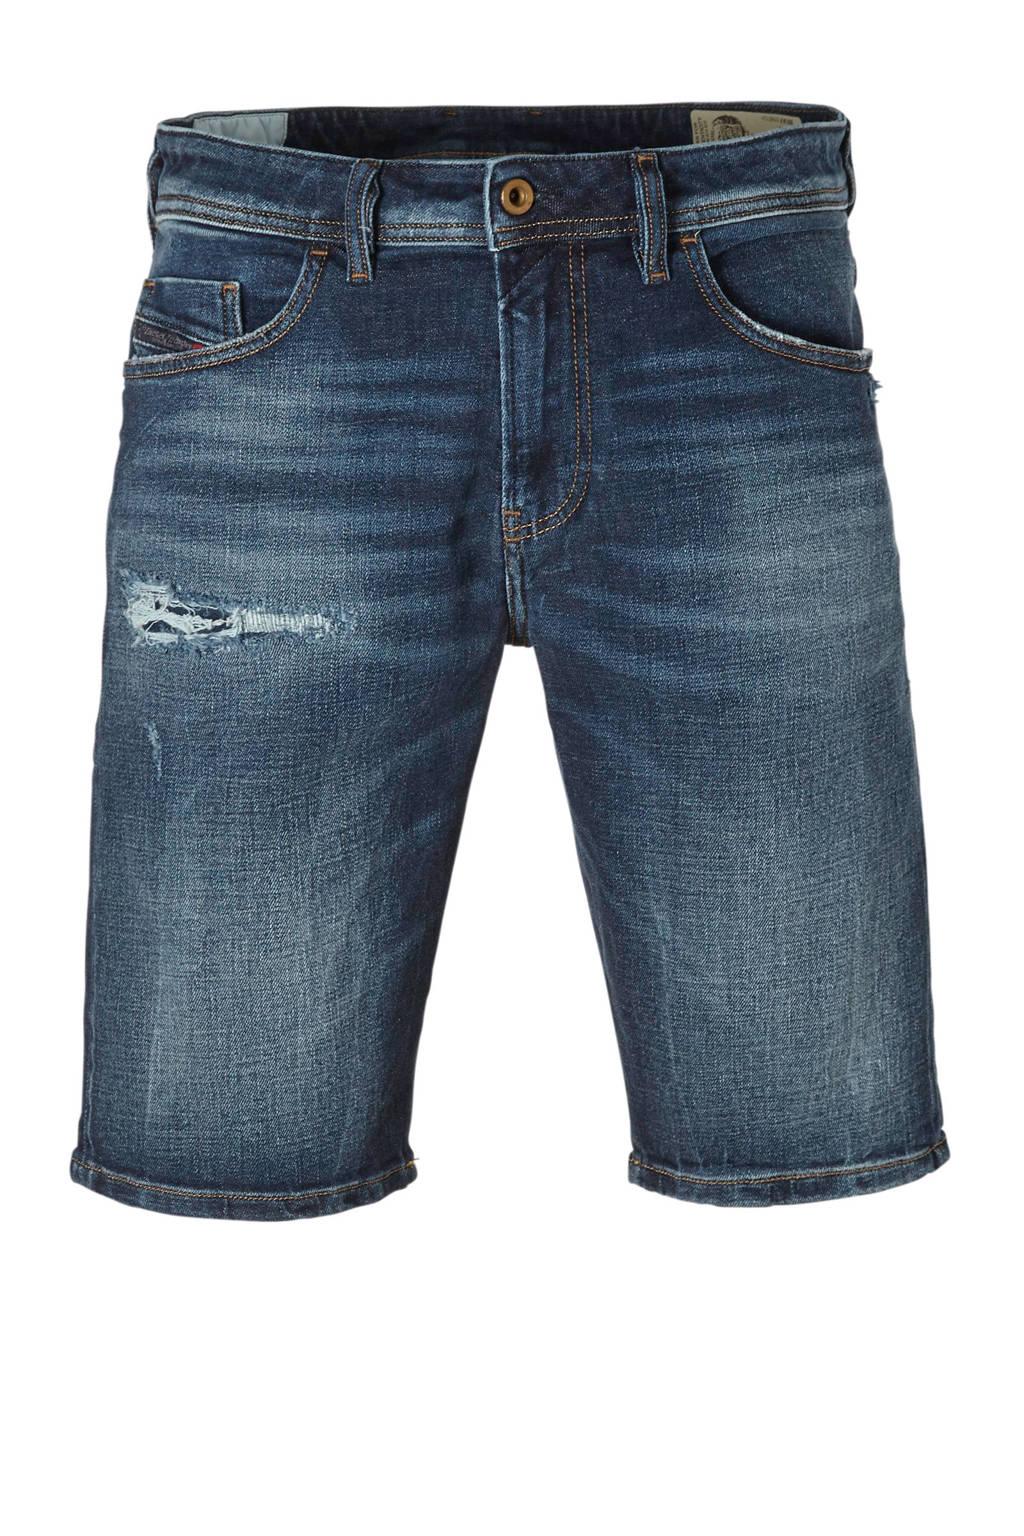 Diesel slim fit jeans short, Donkerblauw